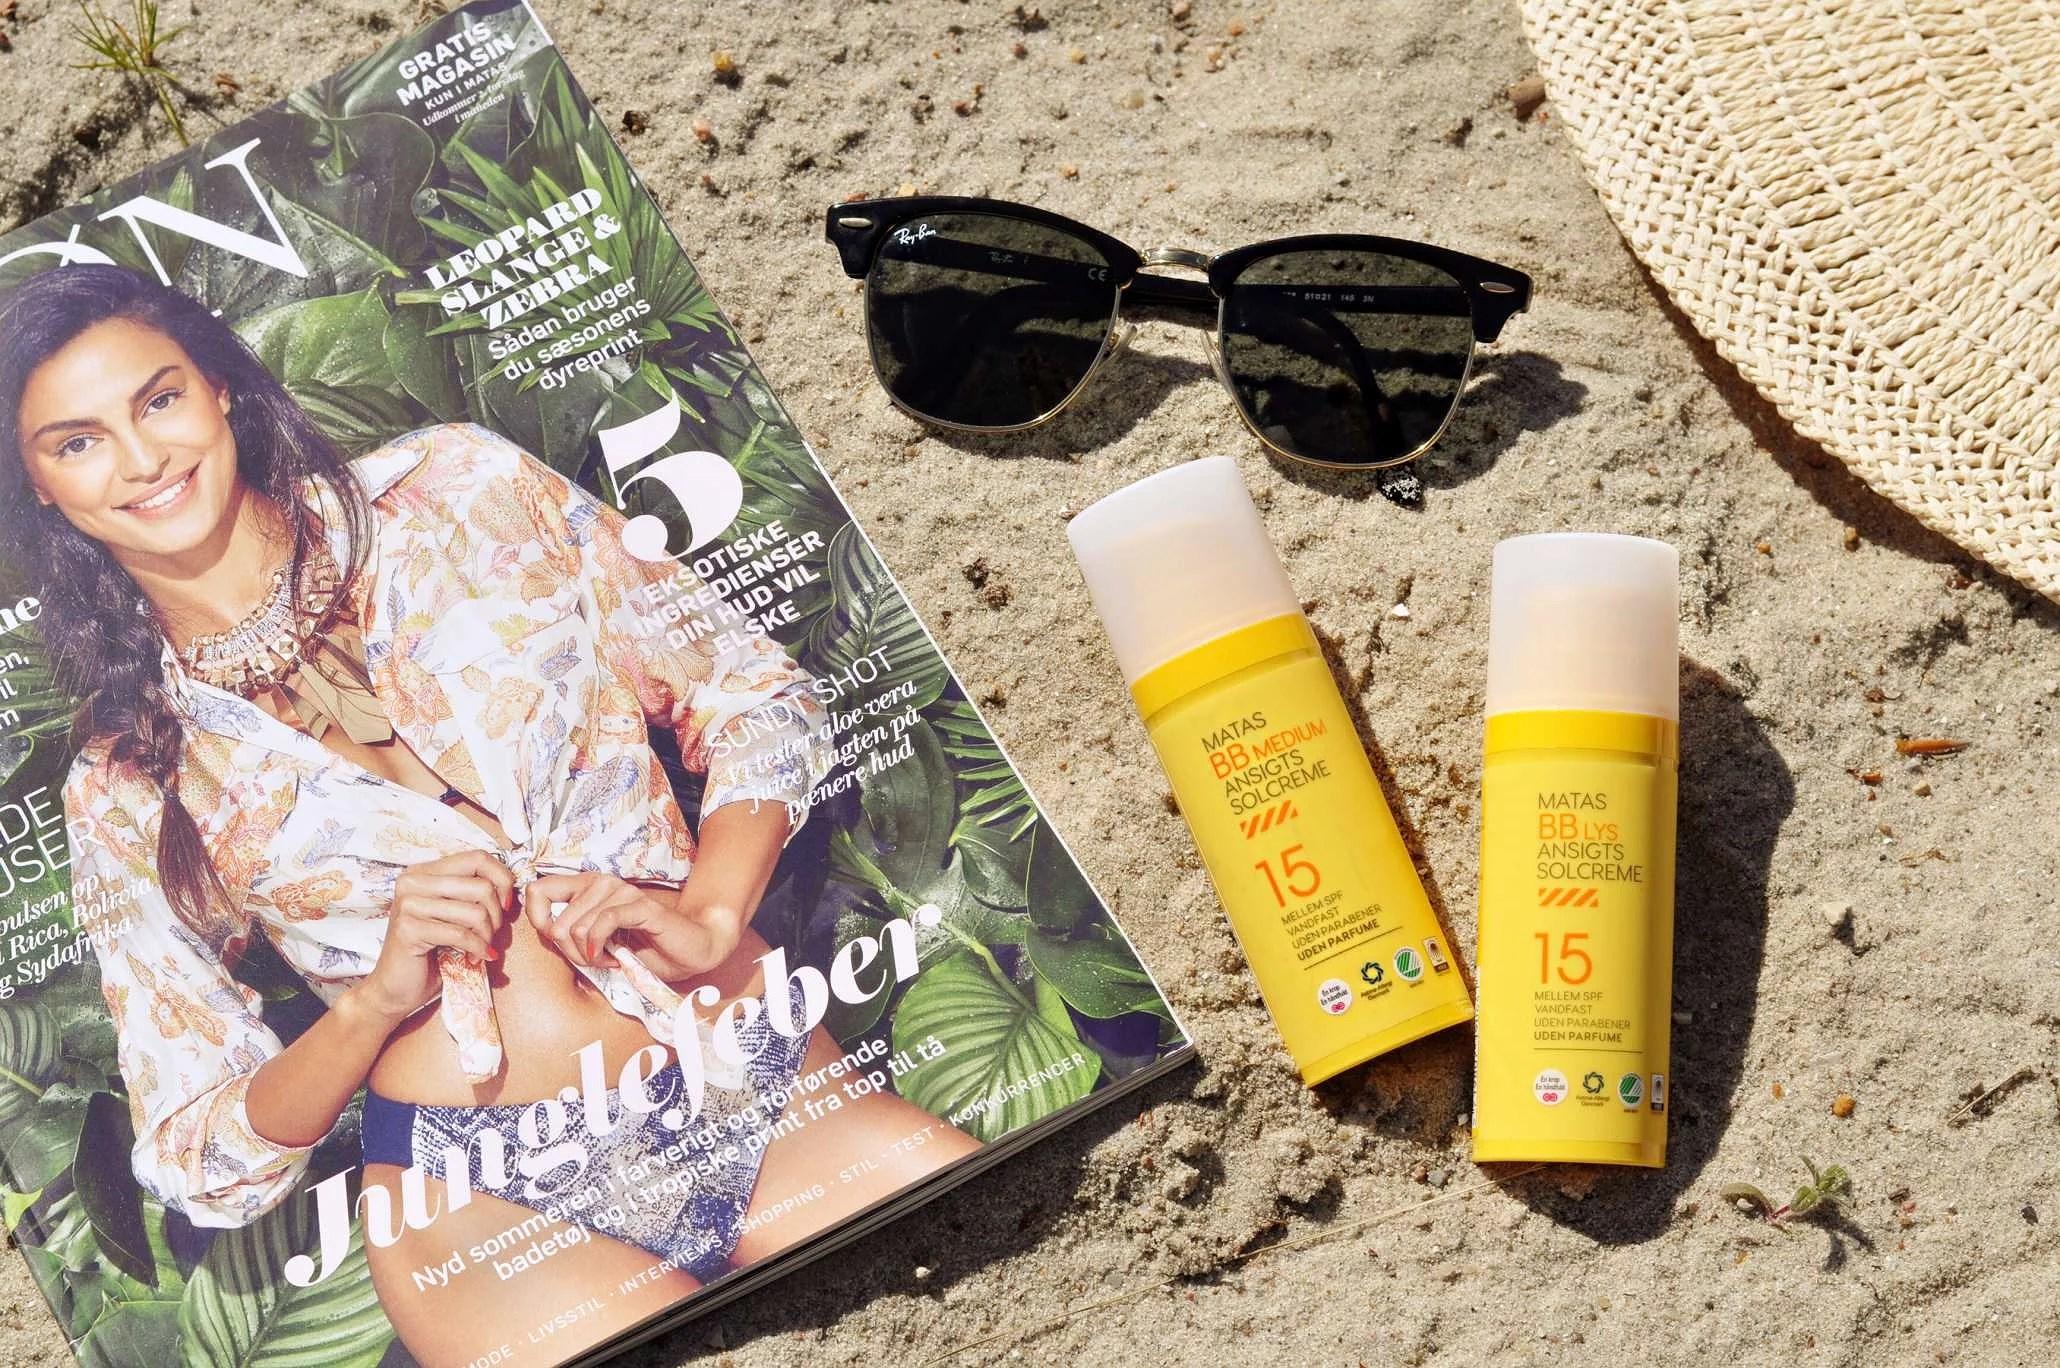 BB ansigtssolcreme: ensartet hud, beskyttet mod solens stråler!